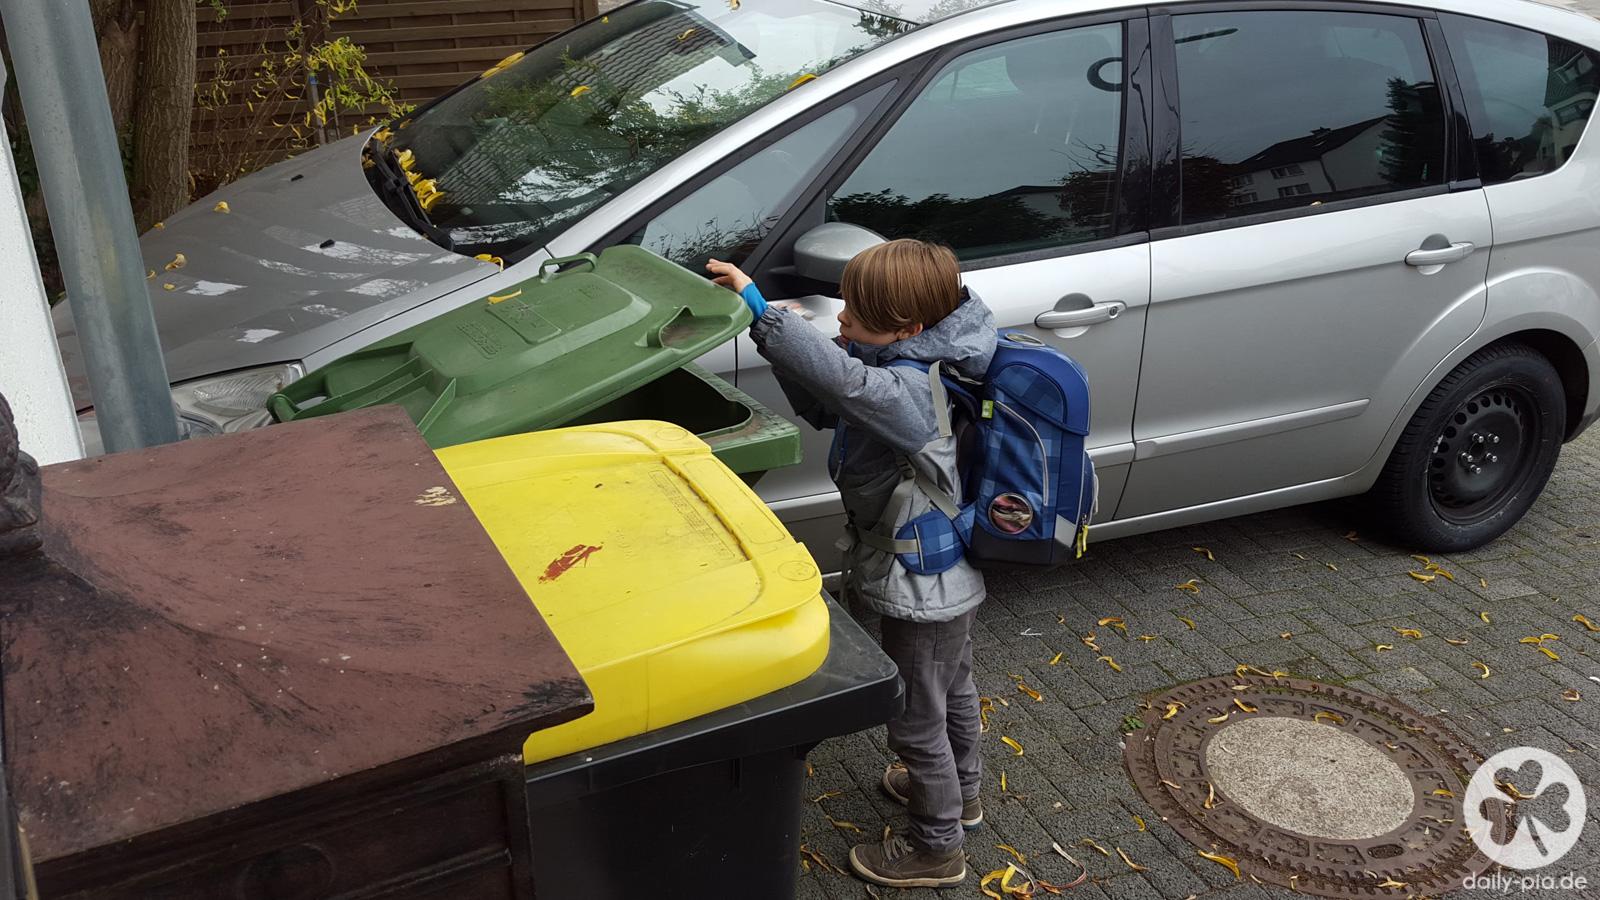 Kleiner Müllmann. Kleiner Weltverbesserer.